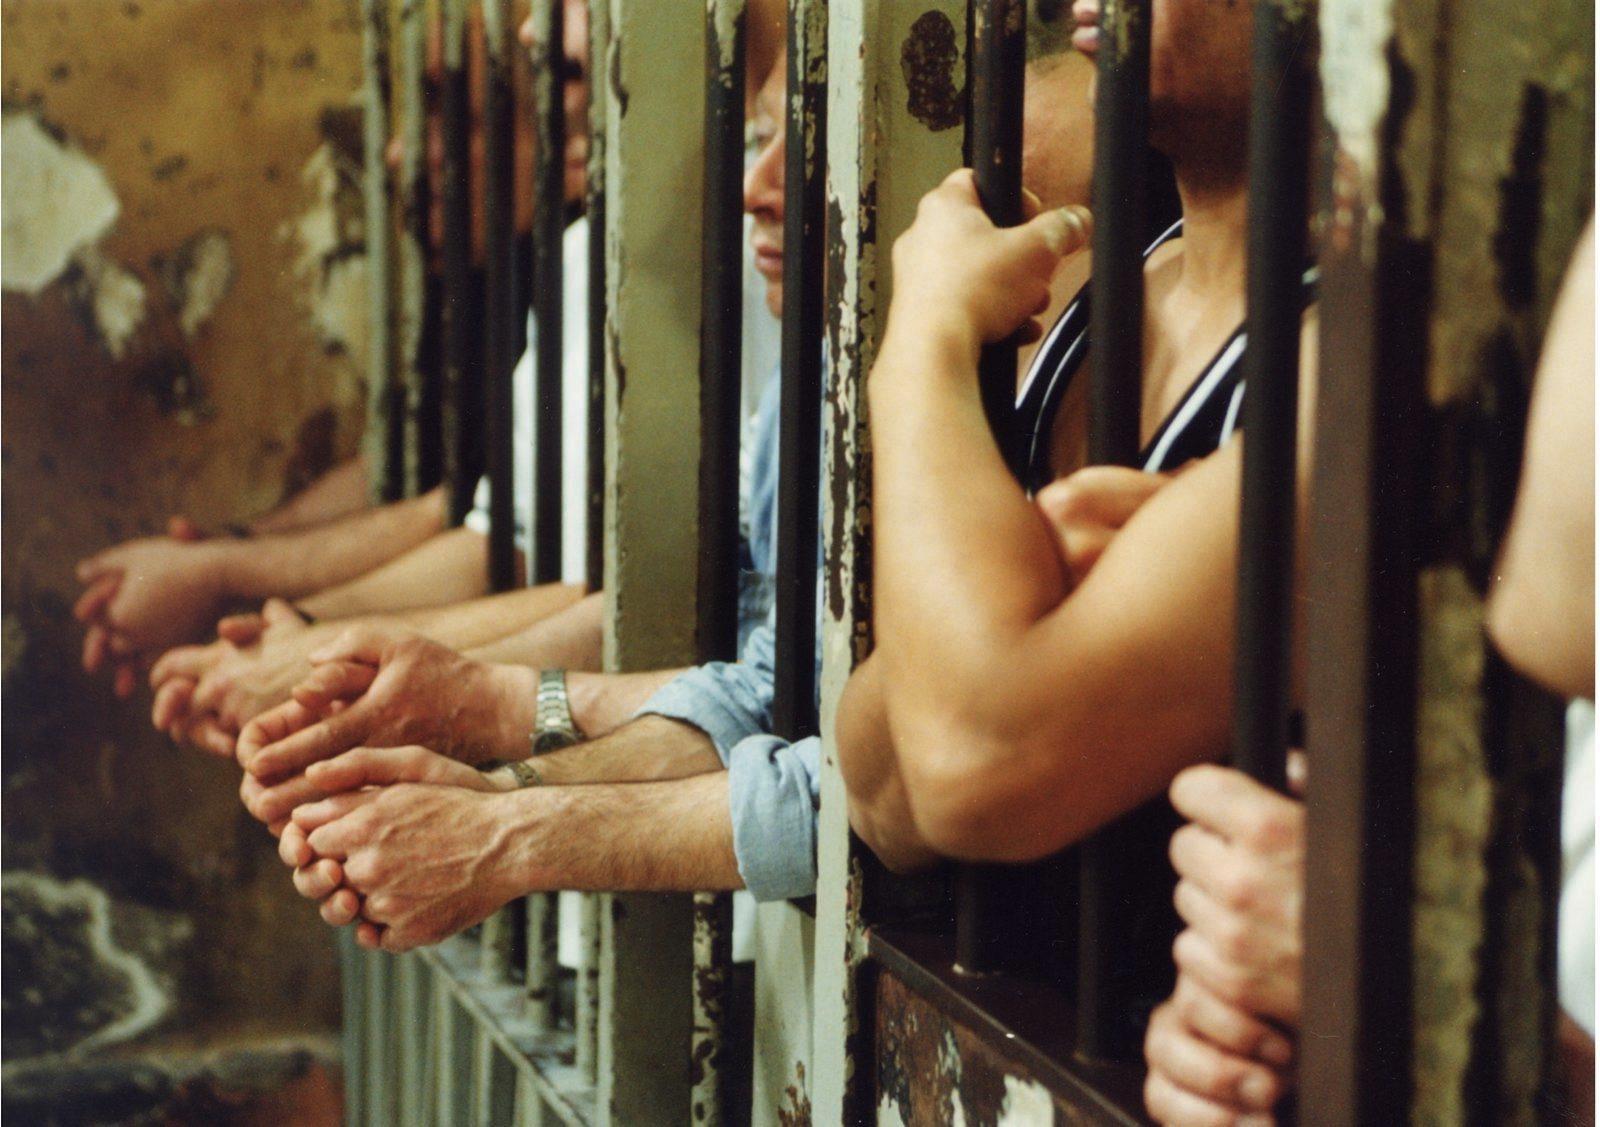 Capriccioli/Bonafoni: una mozione per fermare pandemia in carcere